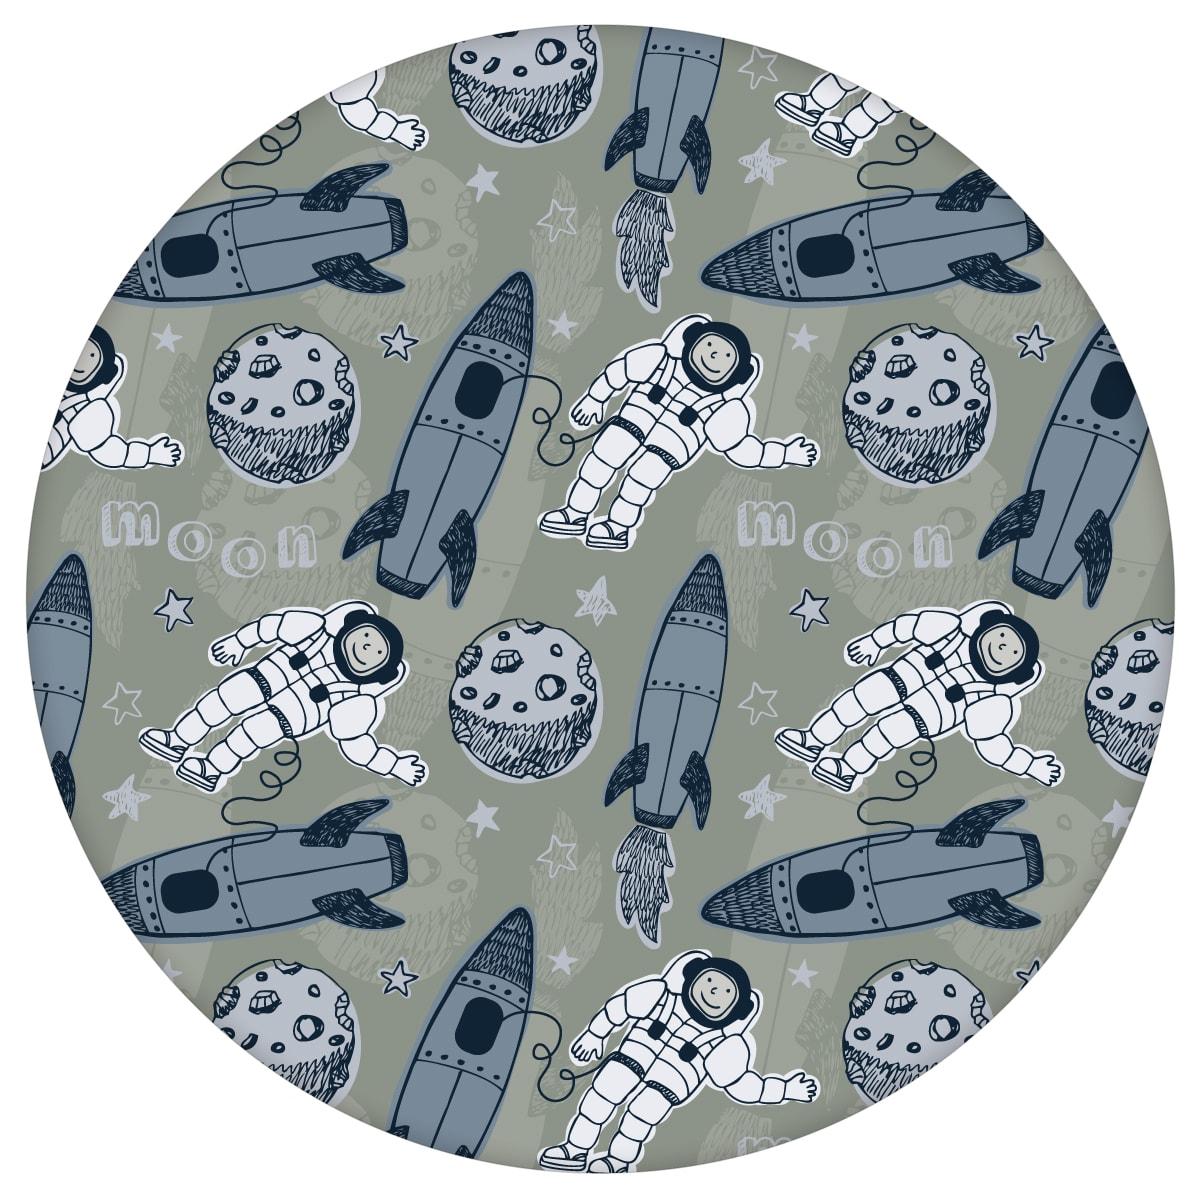 """Weltraum Kinderzimmer Tapete """"Rocket Moon"""", oliv graue Vlies-Tapete , Space Kindertapete für Spielzimmeraus dem GMM-BERLIN.com Sortiment: grau Tapete zur Raumgestaltung: #00136 #Graue Tapeten #kinder #Kindertapete #kinderzimmer #Mond #olivgrau #Rakete #Space #Weltraum für individuelles Interiordesign"""